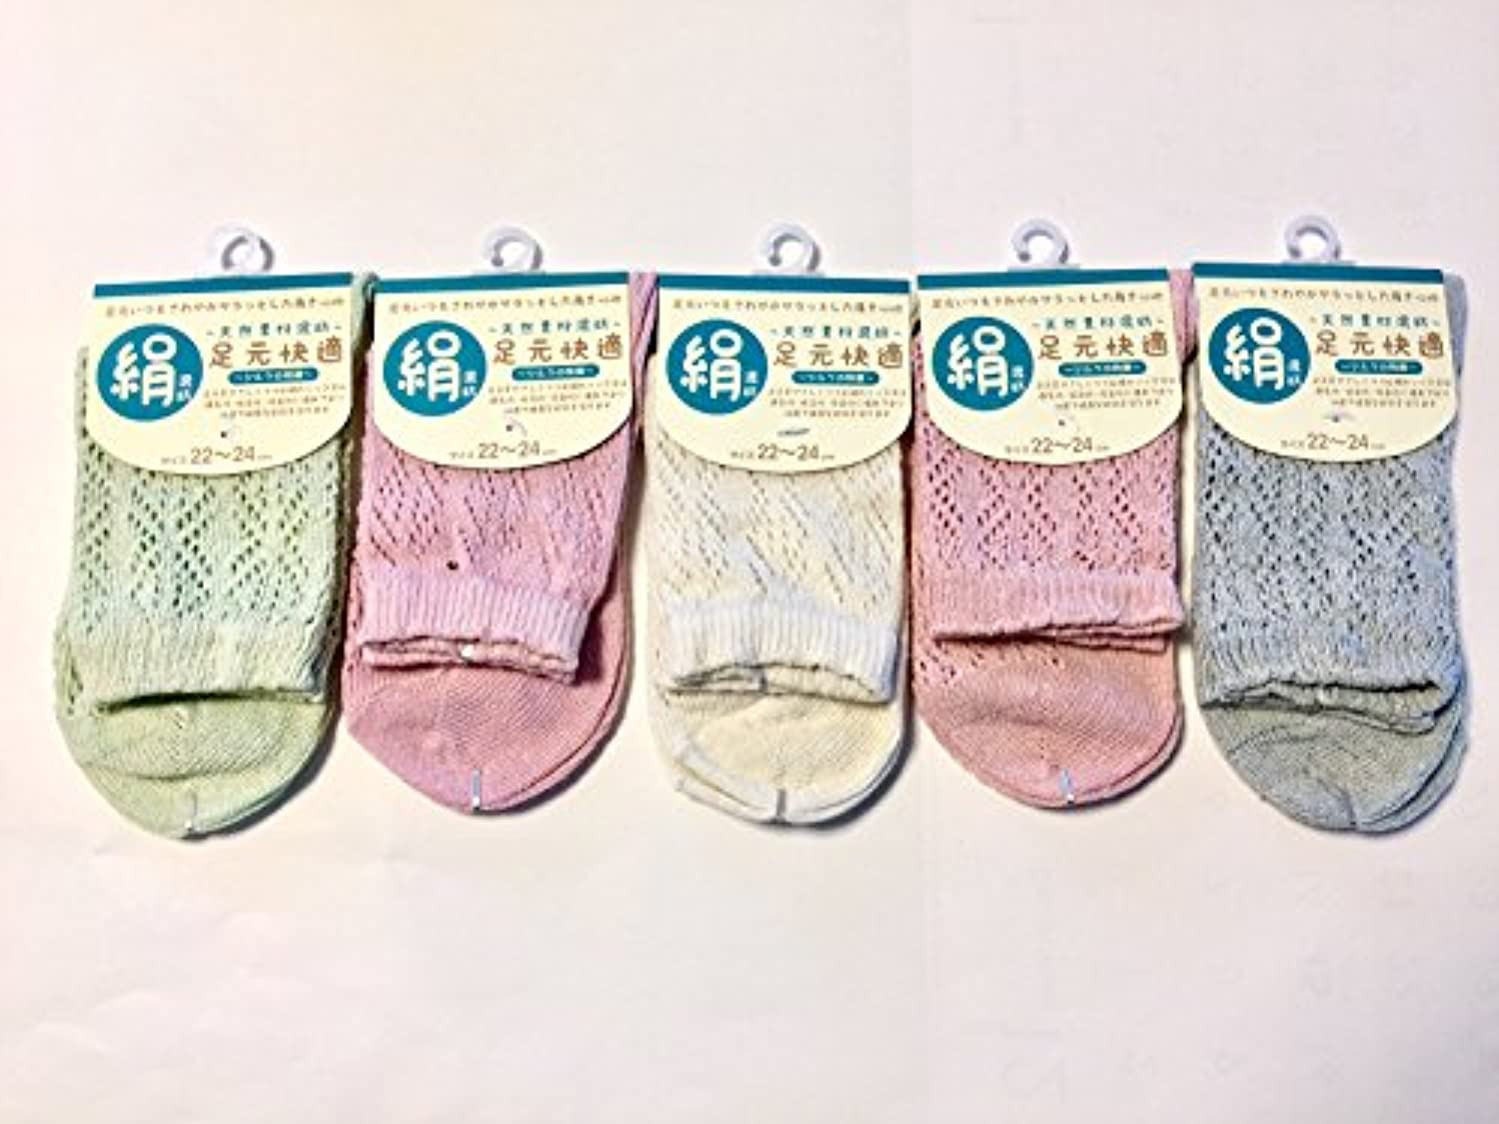 自分自身ディンカルビルポータル靴下 レディース 絹混 涼しいルミーソックス おしゃれ手編み風 5色5足組